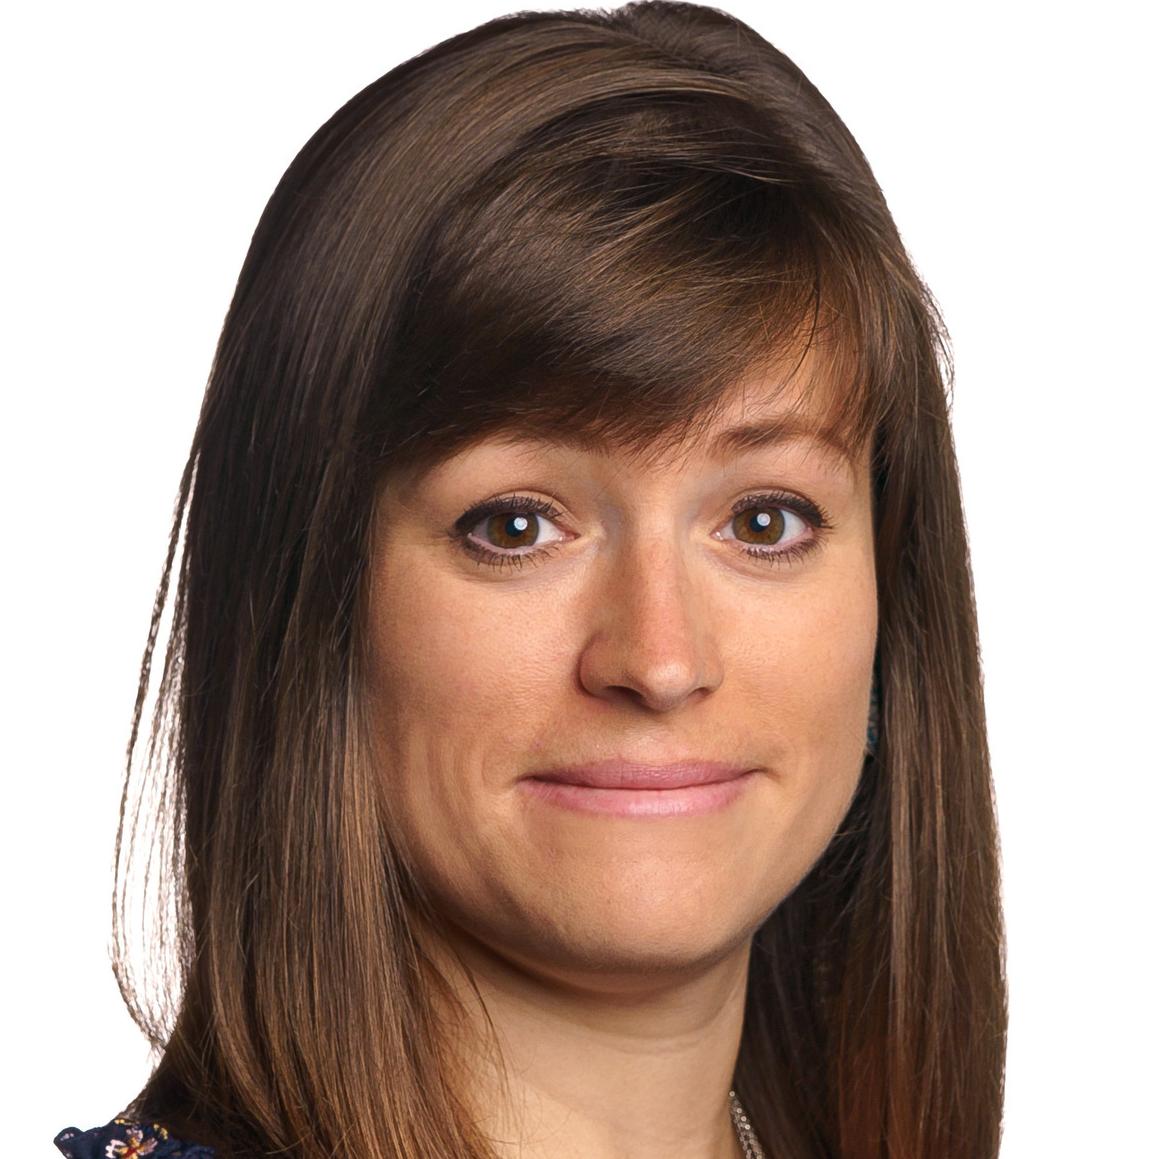 Jessica Calefati